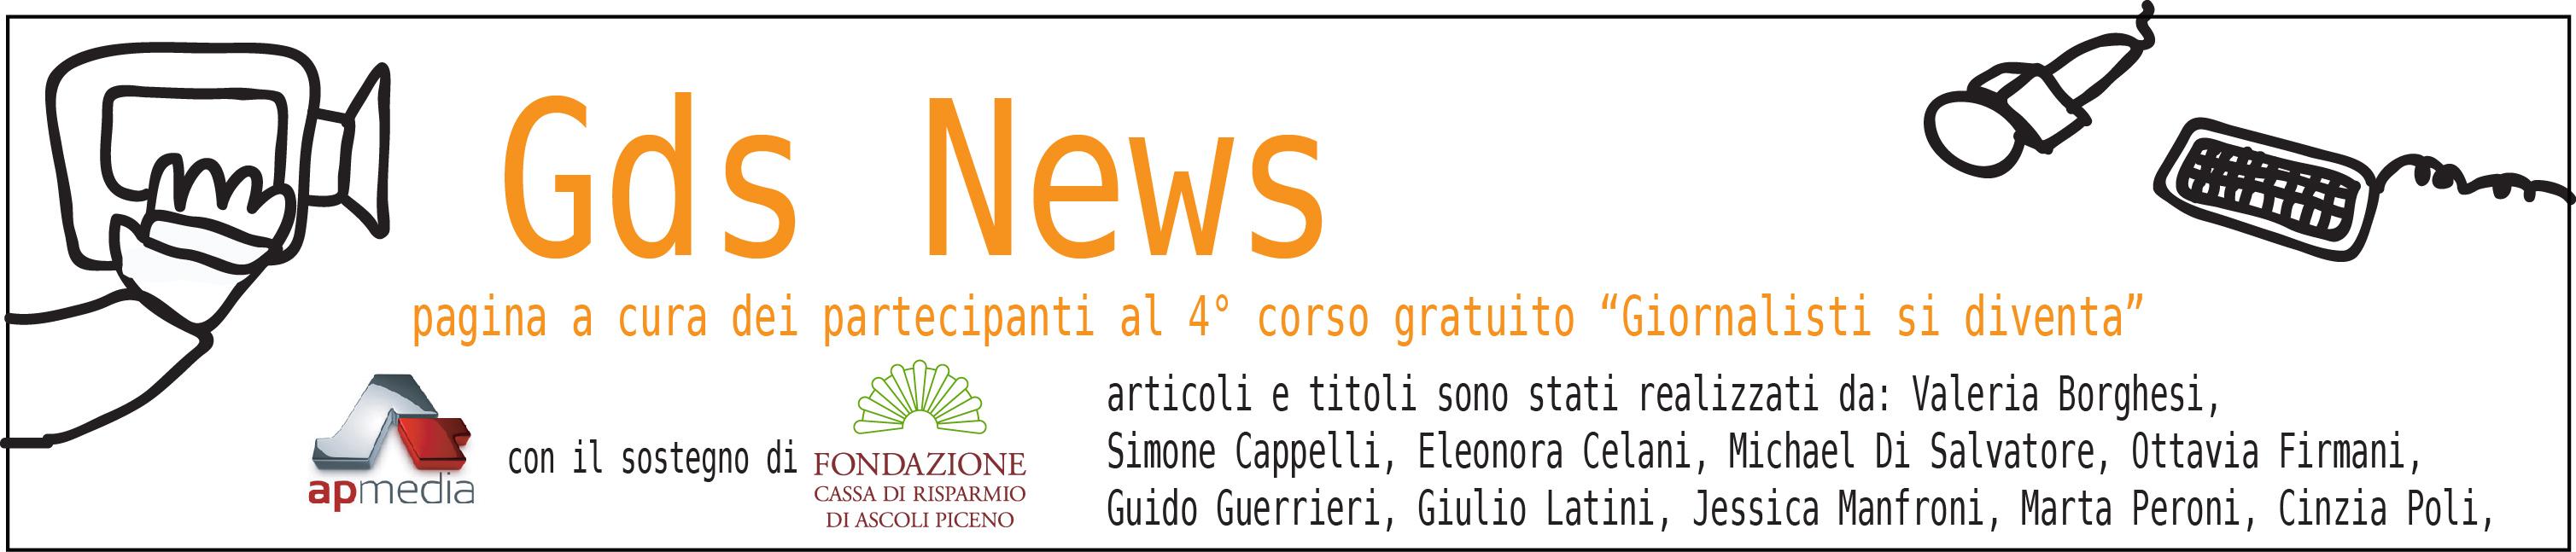 Gds News testata per pagina Gazzetta di Ascoli 2018